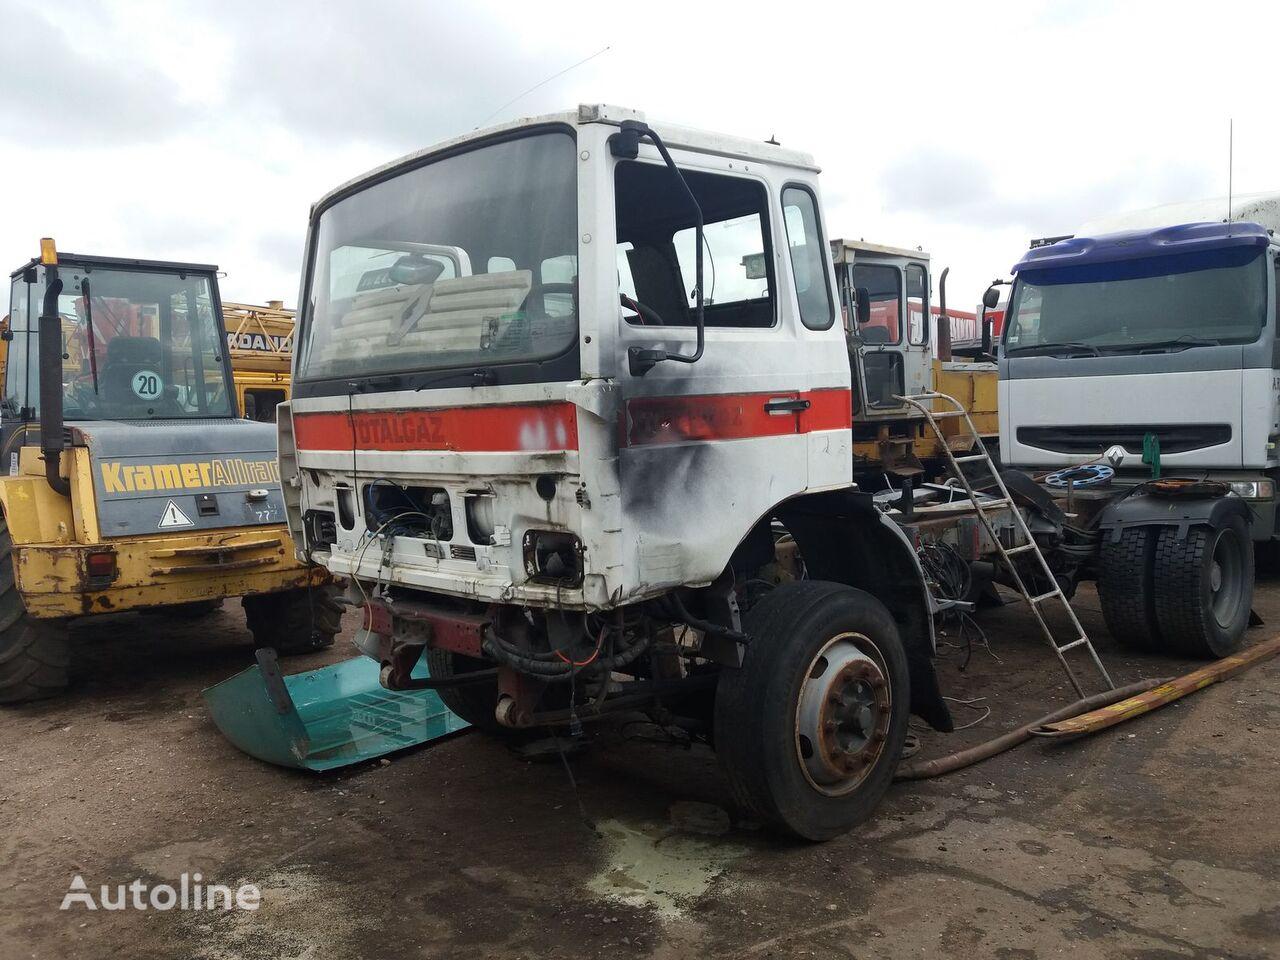 φορτηγό RENAULT Midliner για άξονας RENAULT